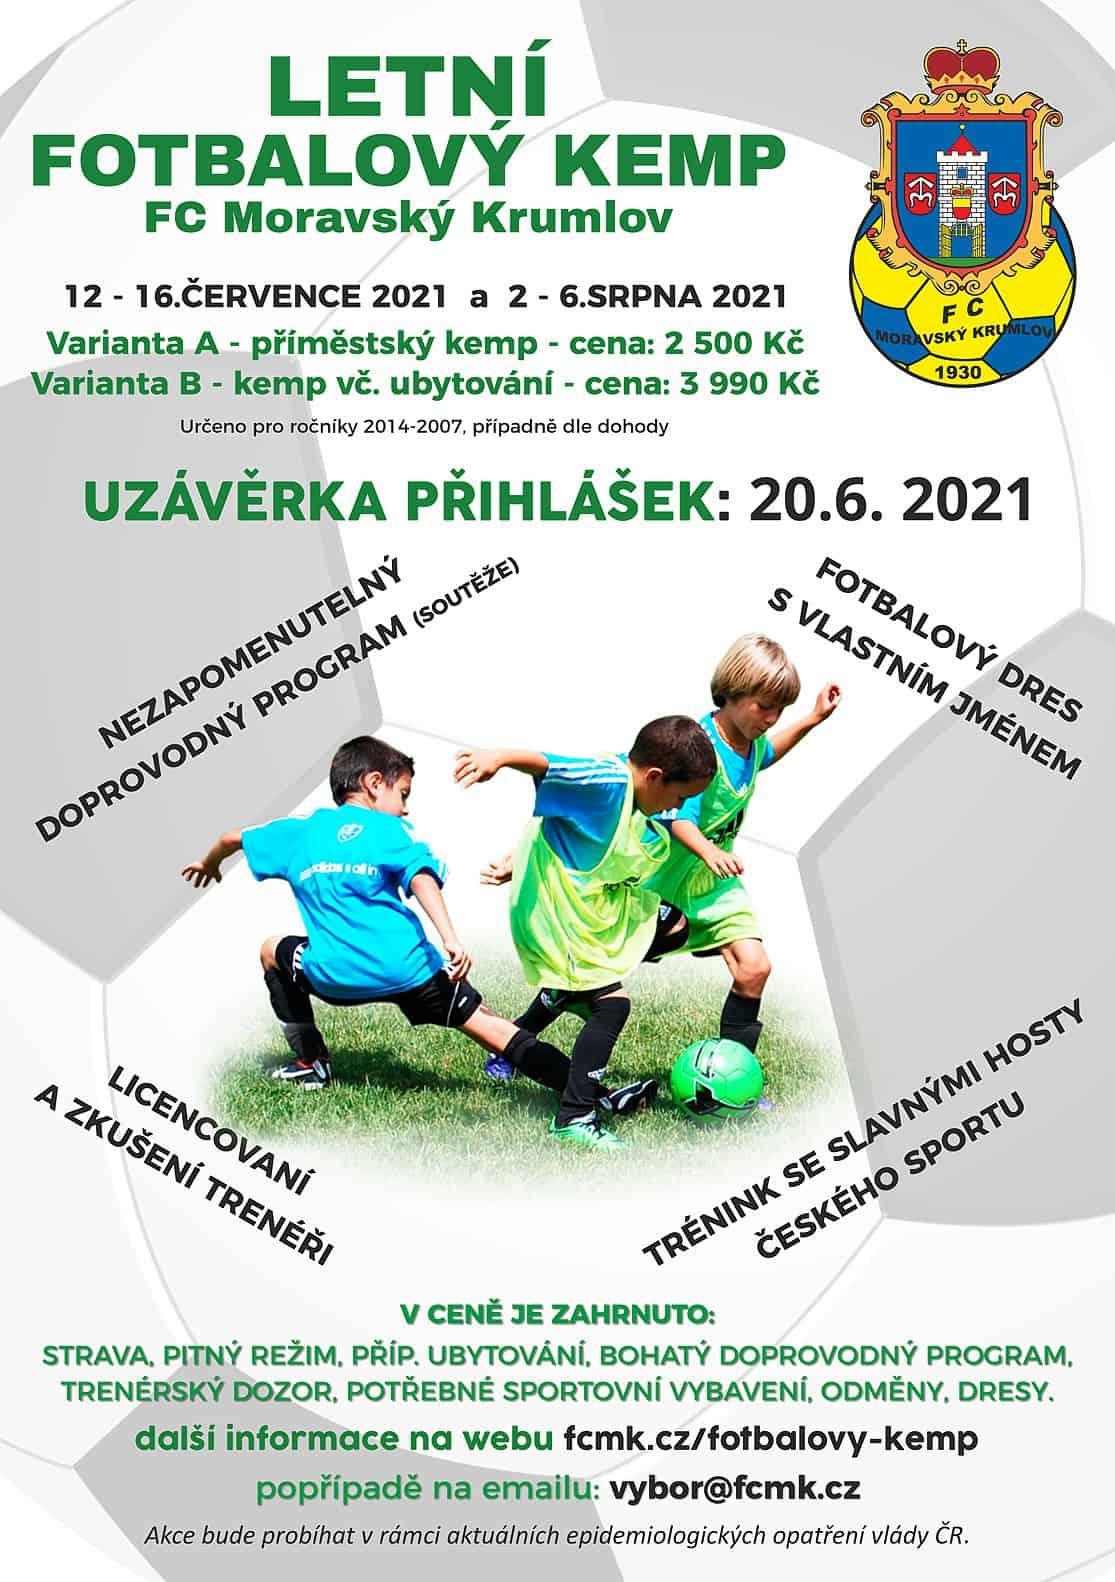 FCMK pořádá letní fotbalový kemp 2021 ve dvou termínech.